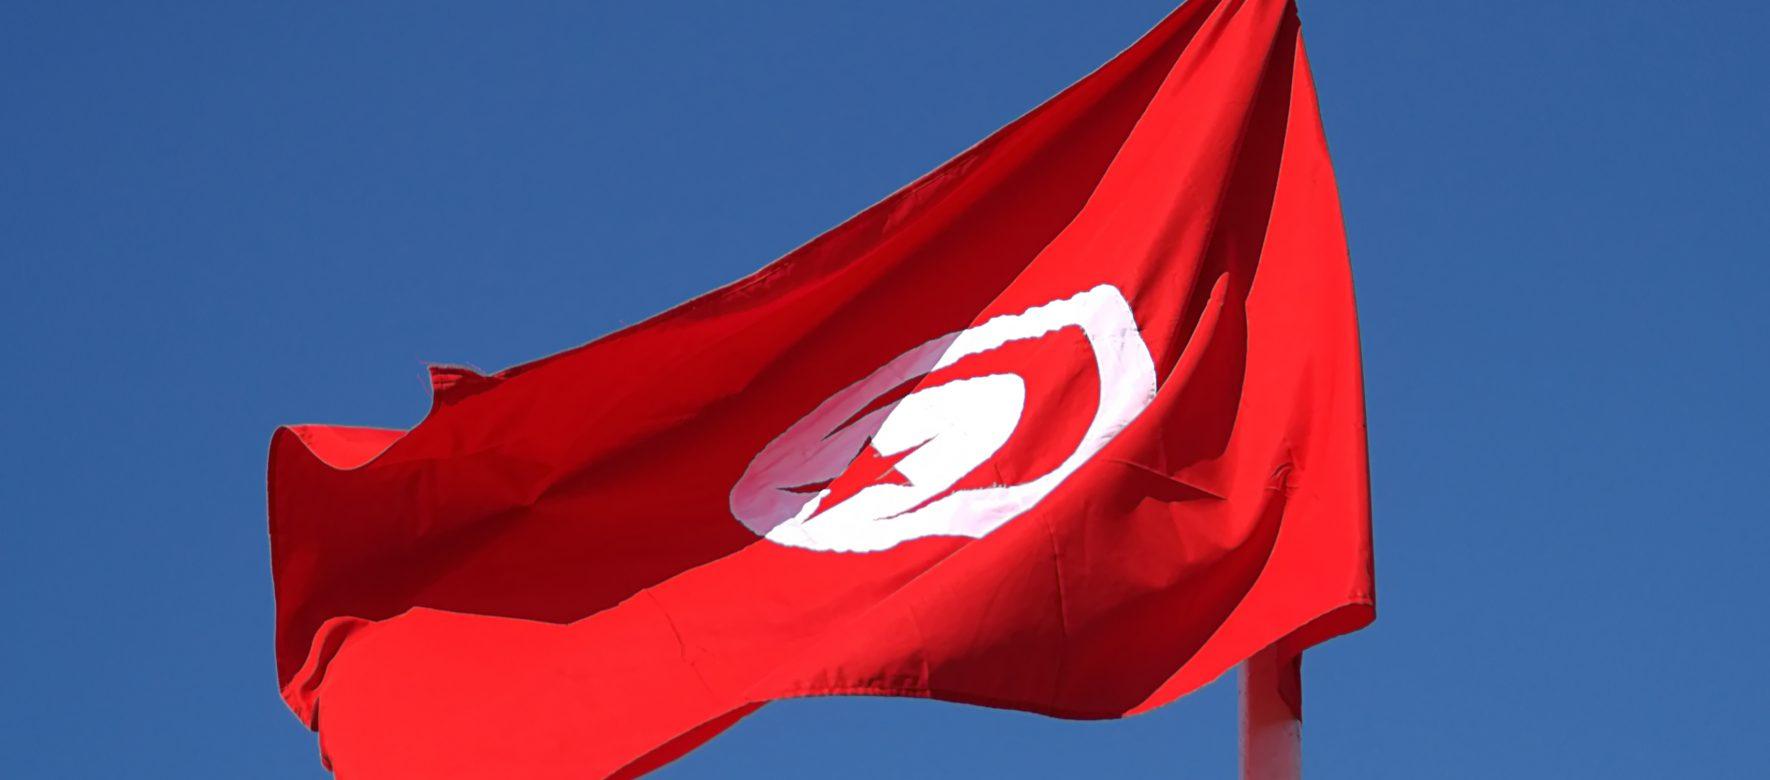 La Banque Africaine de Développement lance un nouveau programme de développement en Tunisie